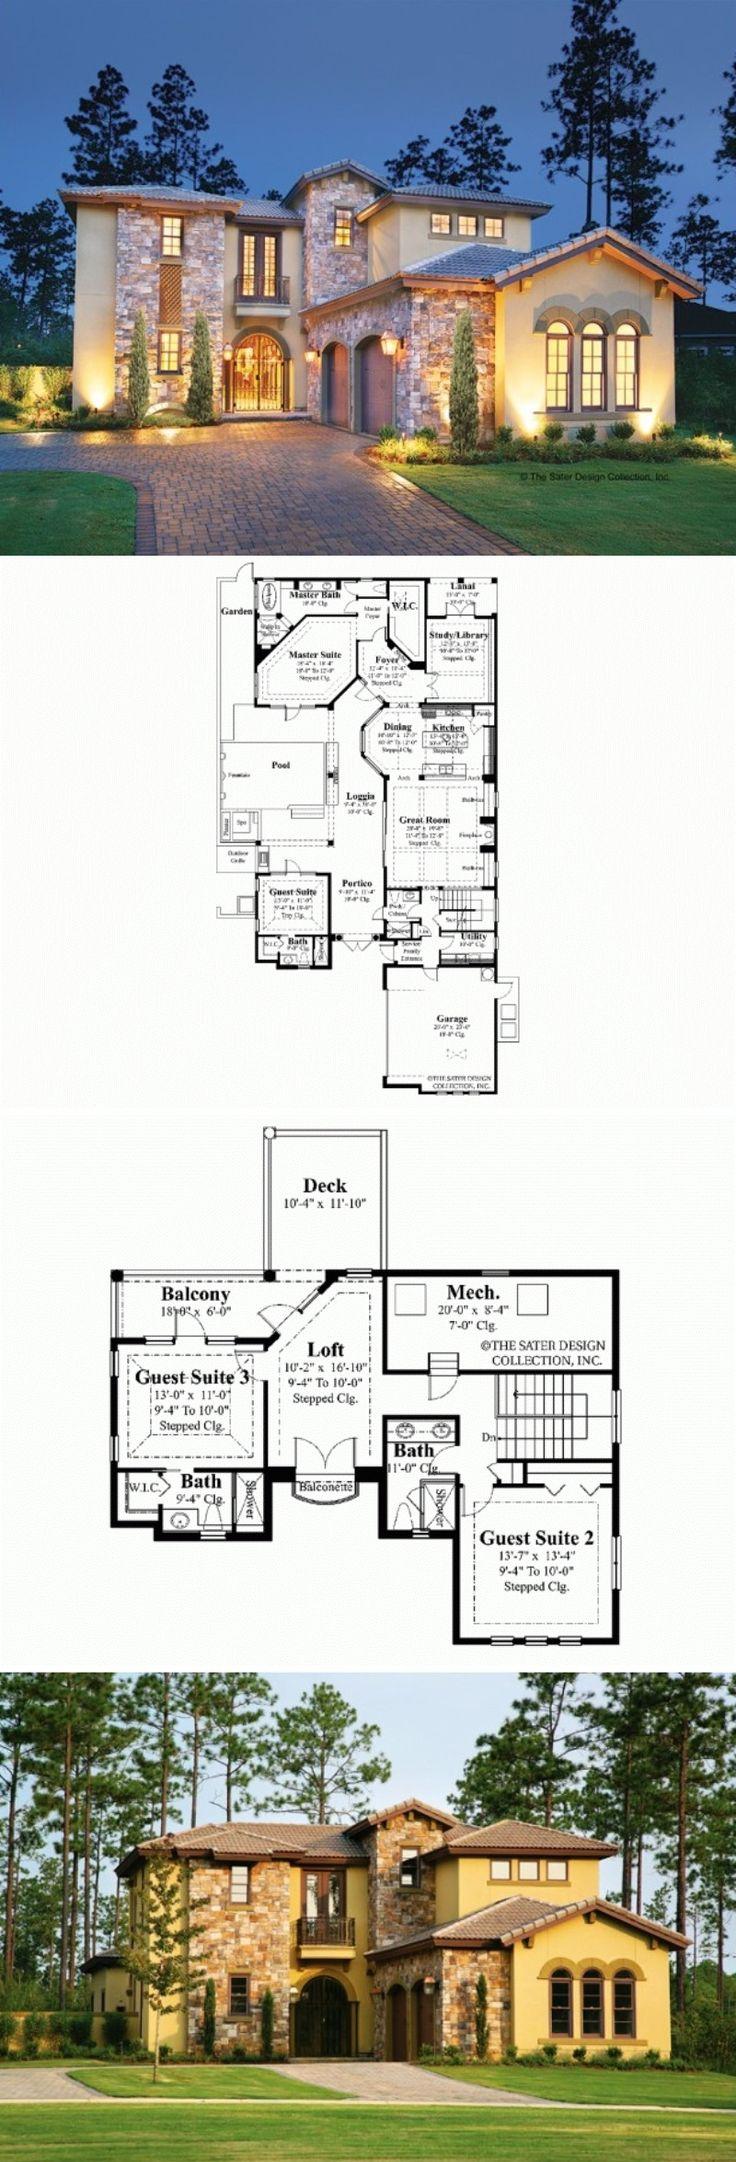 Best 25 mediterranean house exterior ideas on pinterest for Eplans mediterranean house plans